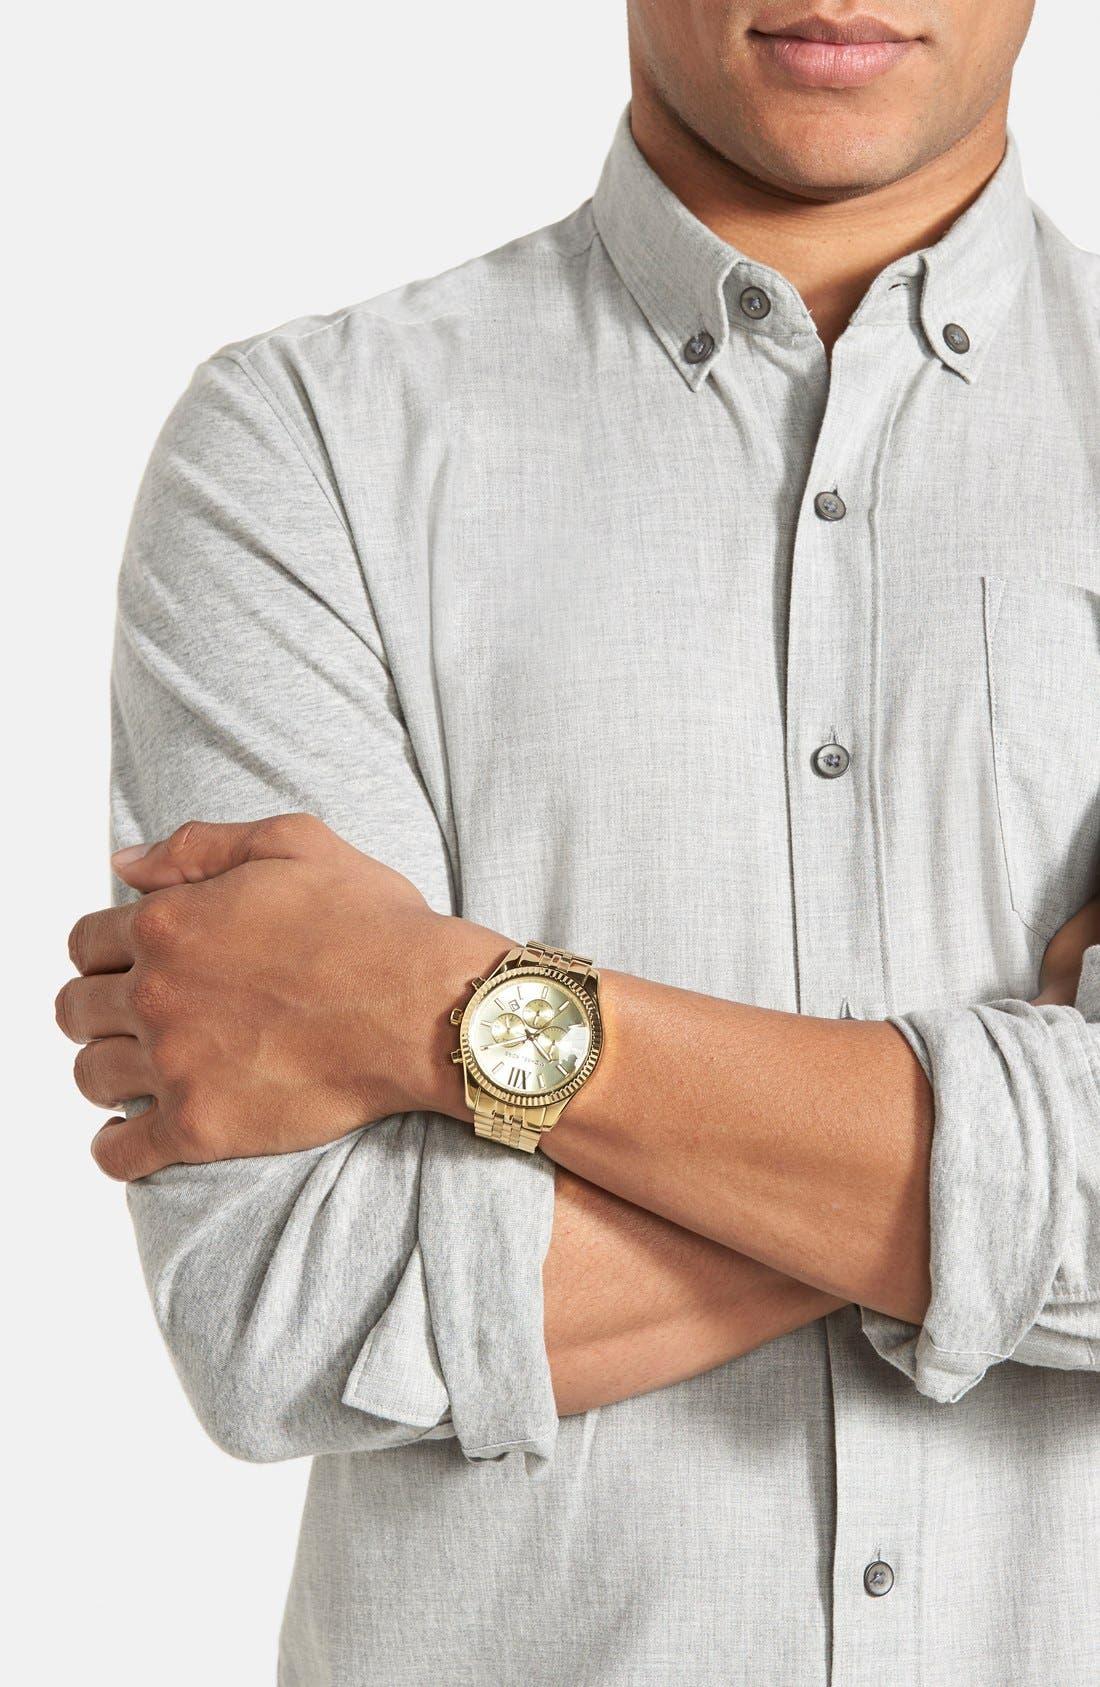 MICHAEL KORS, 'Large Lexington' Chronograph Bracelet Watch, 45mm, Alternate thumbnail 4, color, 710